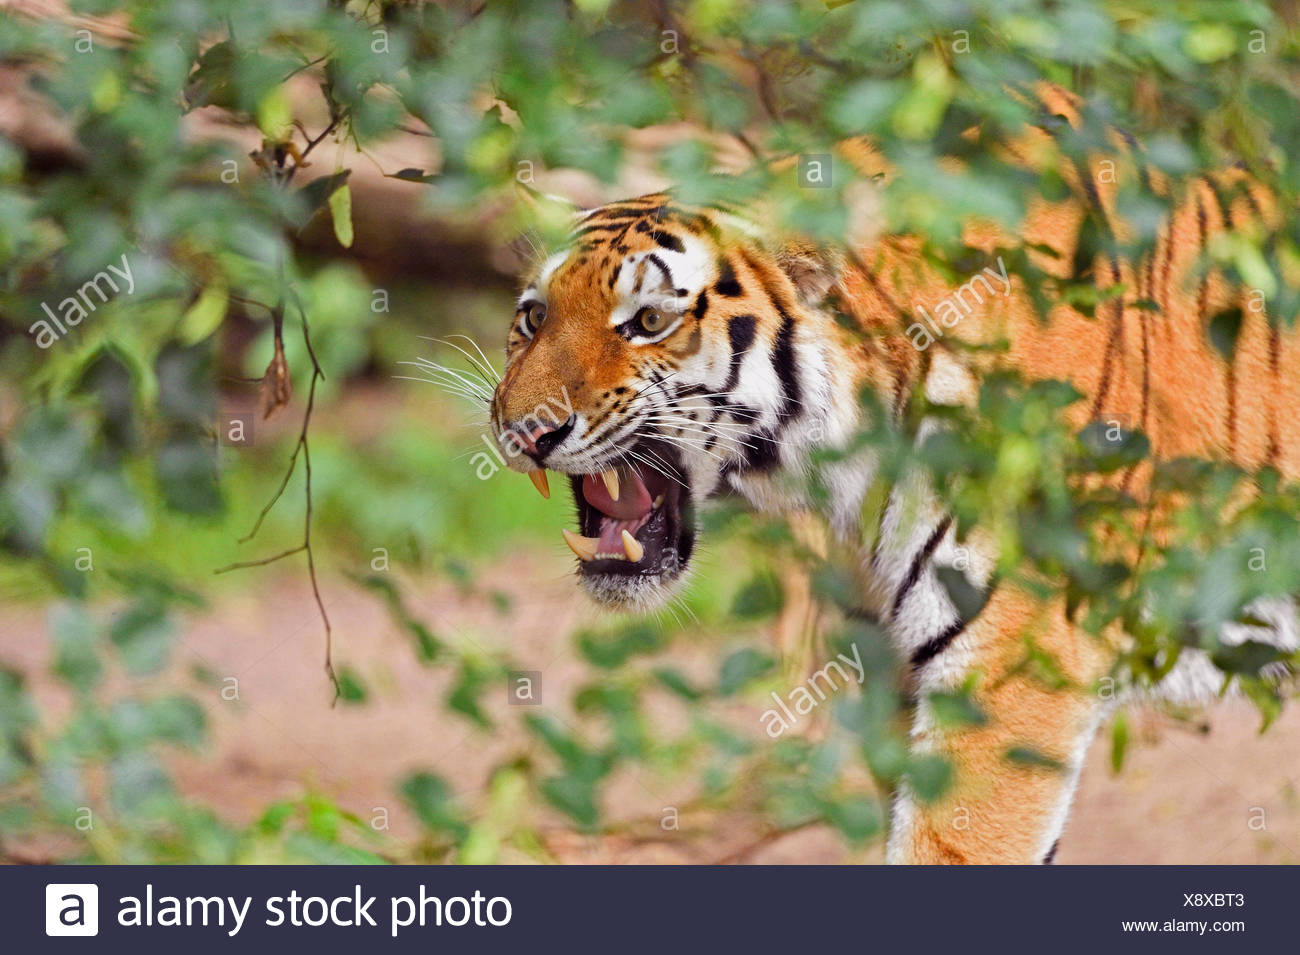 Siberian tiger, Amurian tiger (Panthera tigris altaica), portrait of a snarling Siberian tiger - Stock Image